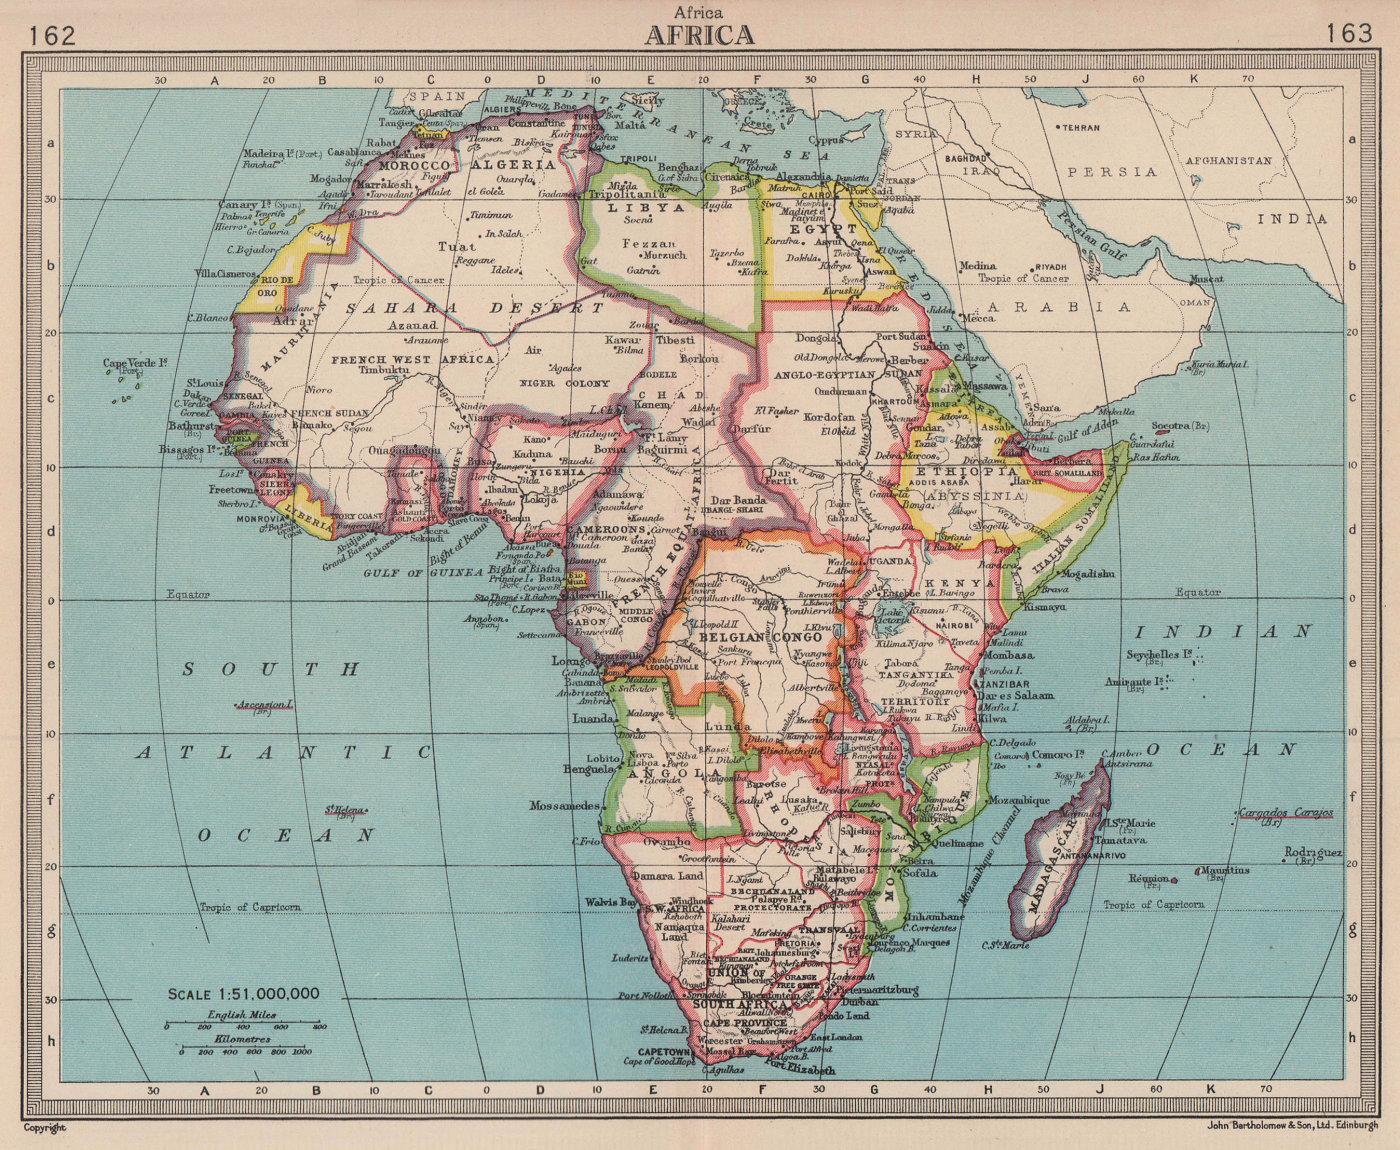 Africa. French West/Equatorial Africa. Belgian Congo. BARTHOLOMEW 1949 old map